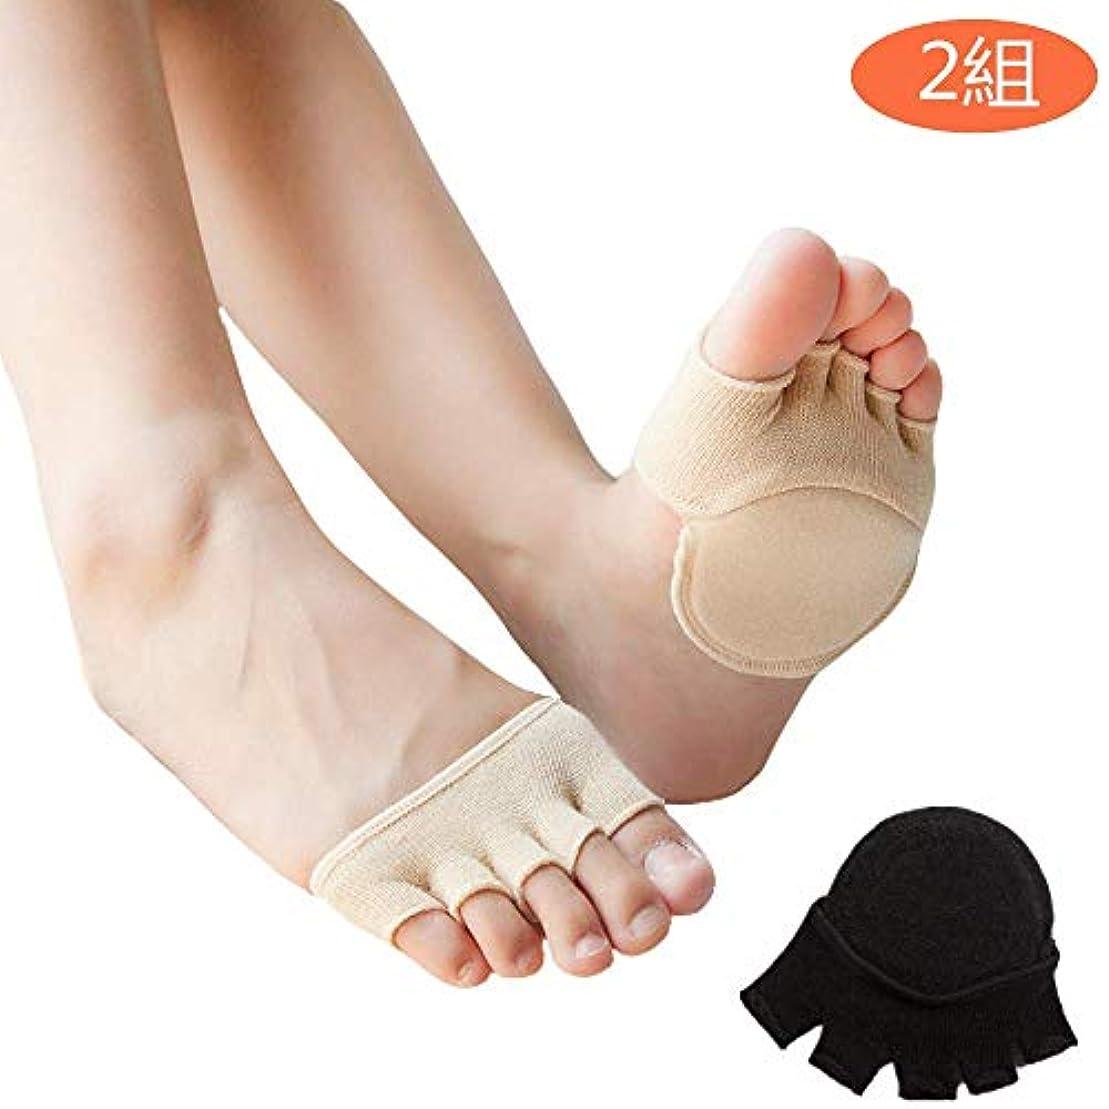 主張グッゲンハイム美術館規制つま先 5本指 足底クッション付き 前足サポーター 足の臭い対策 フットカバー ヨガ用靴下 浅い靴下半分つま先 夏 超薄型 (2組)